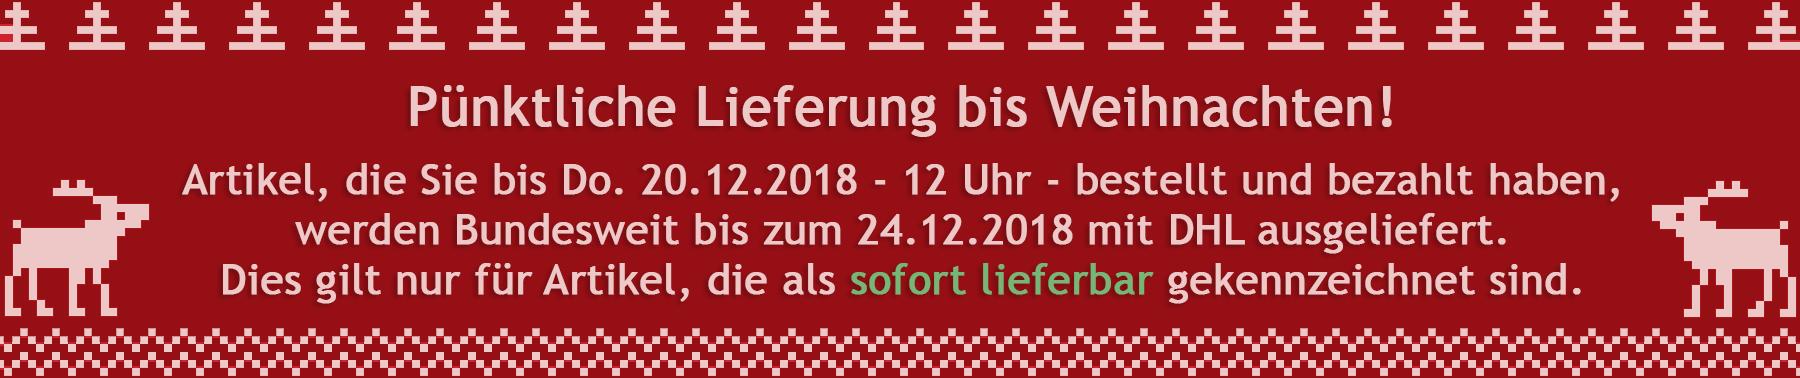 2018-12 Jetzt bestellen